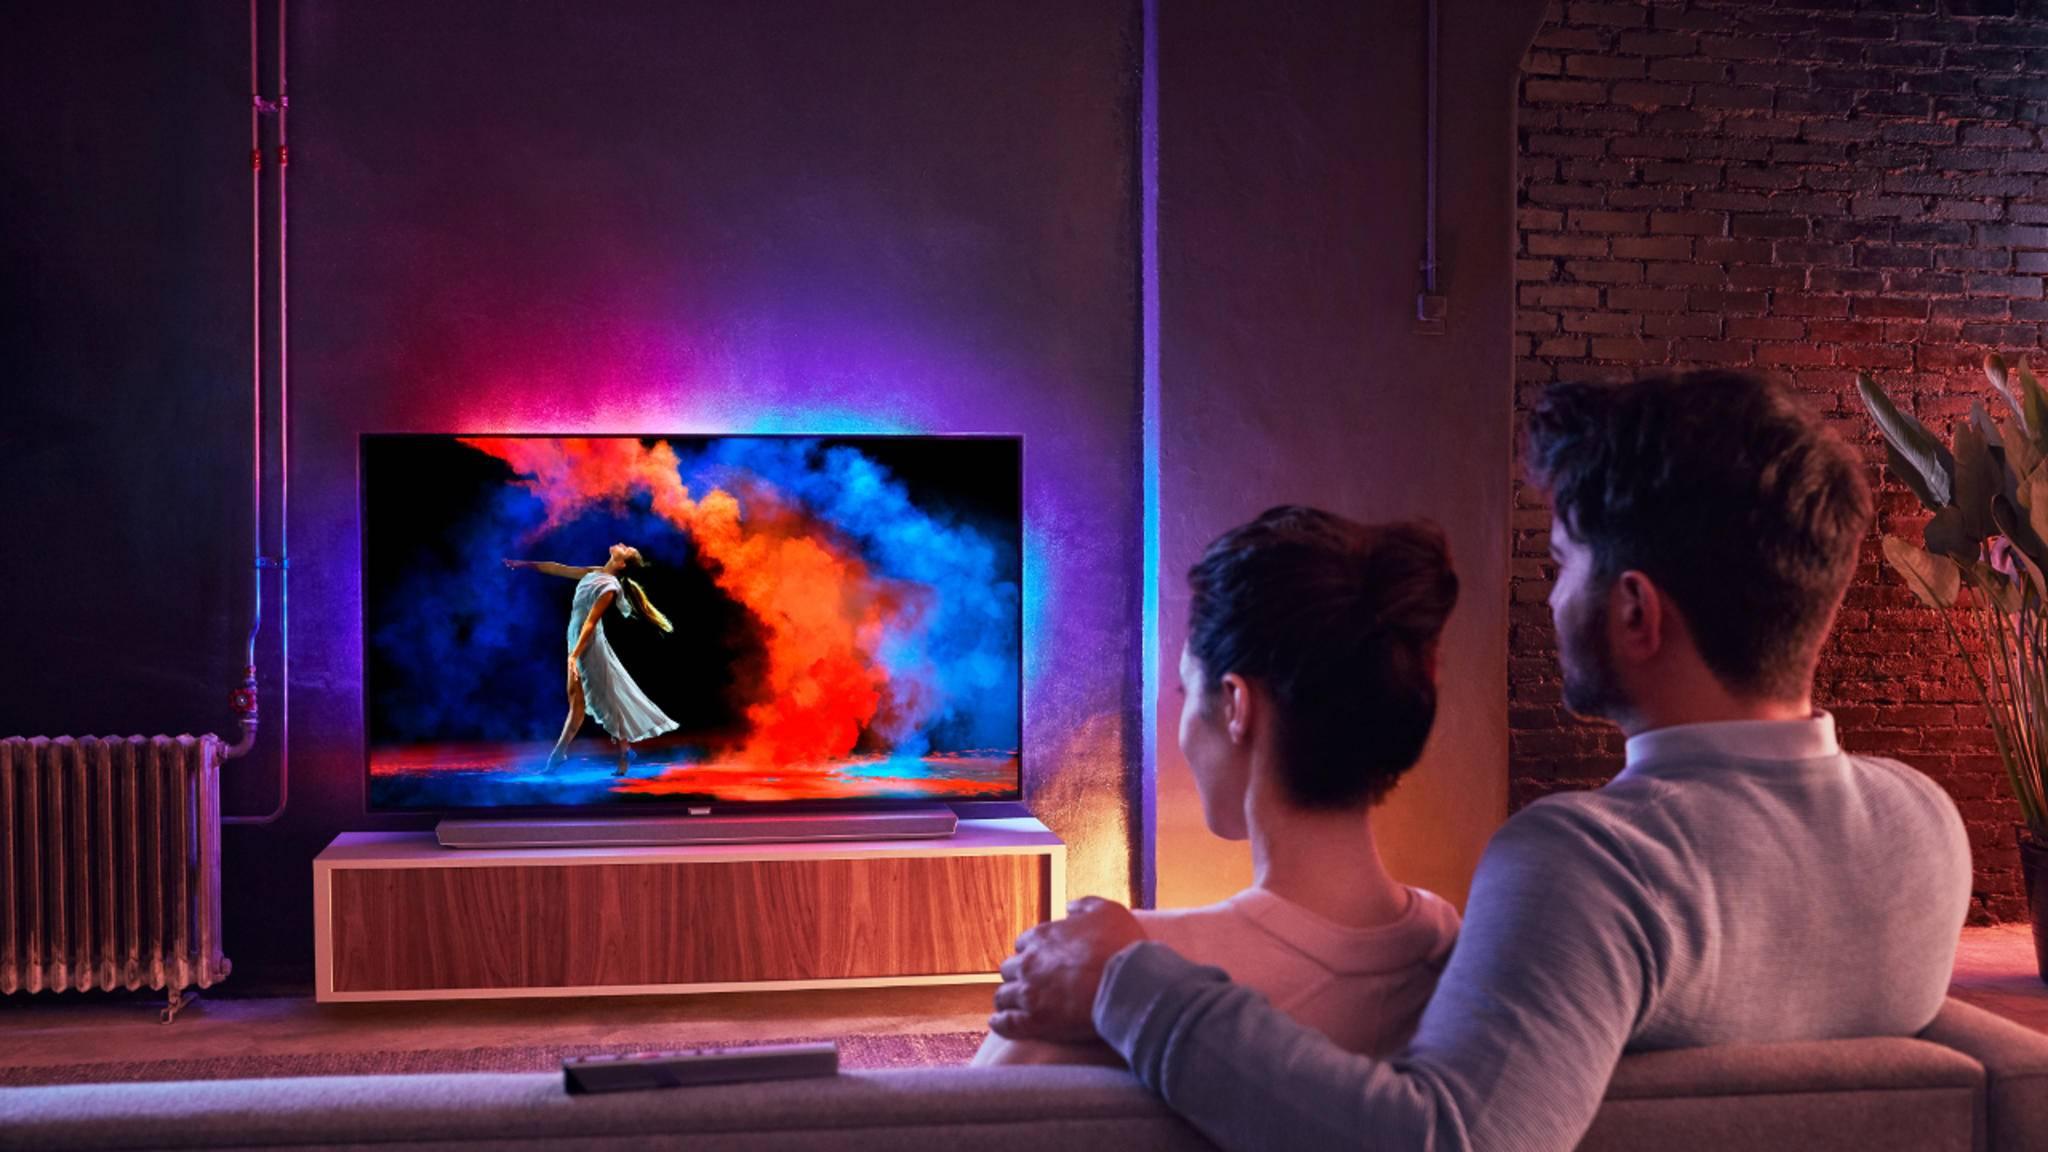 Onwijs LCD, LED, OLED oder Plasma: Die Unterschiede der TV-Technologien FB-94